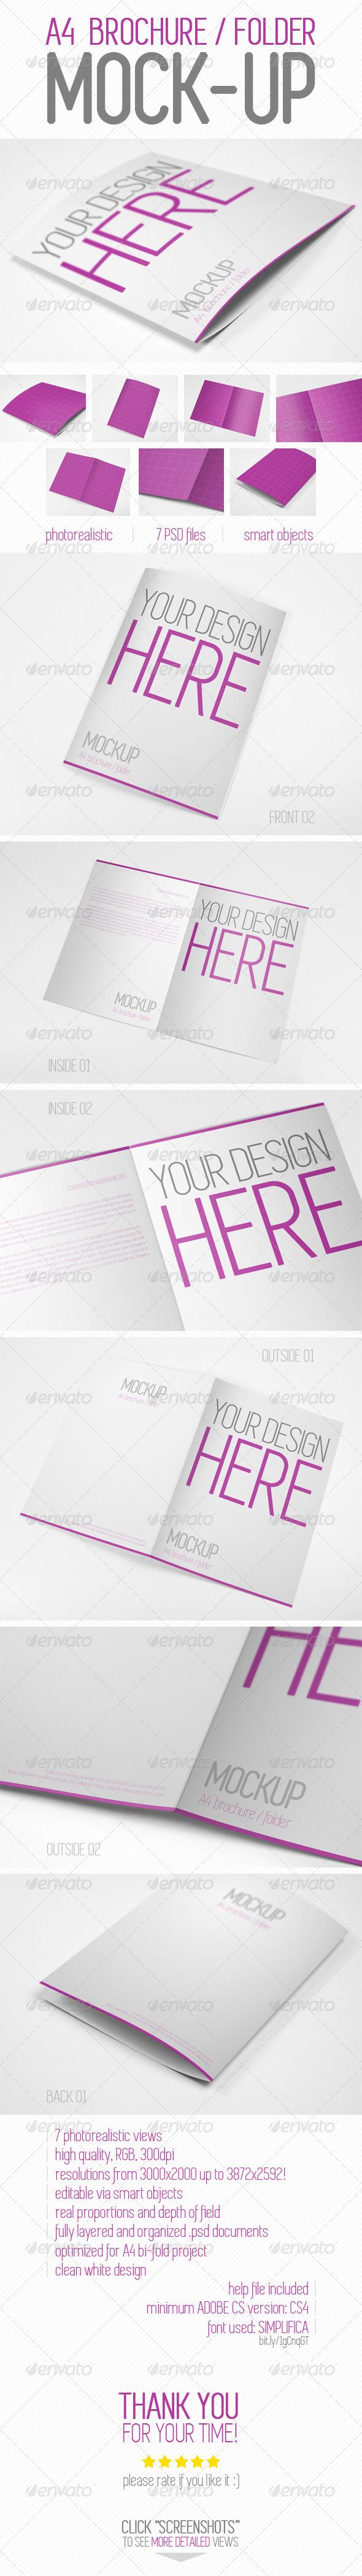 GraphicRiver A4 Brochure Folder Mock-up 7758175